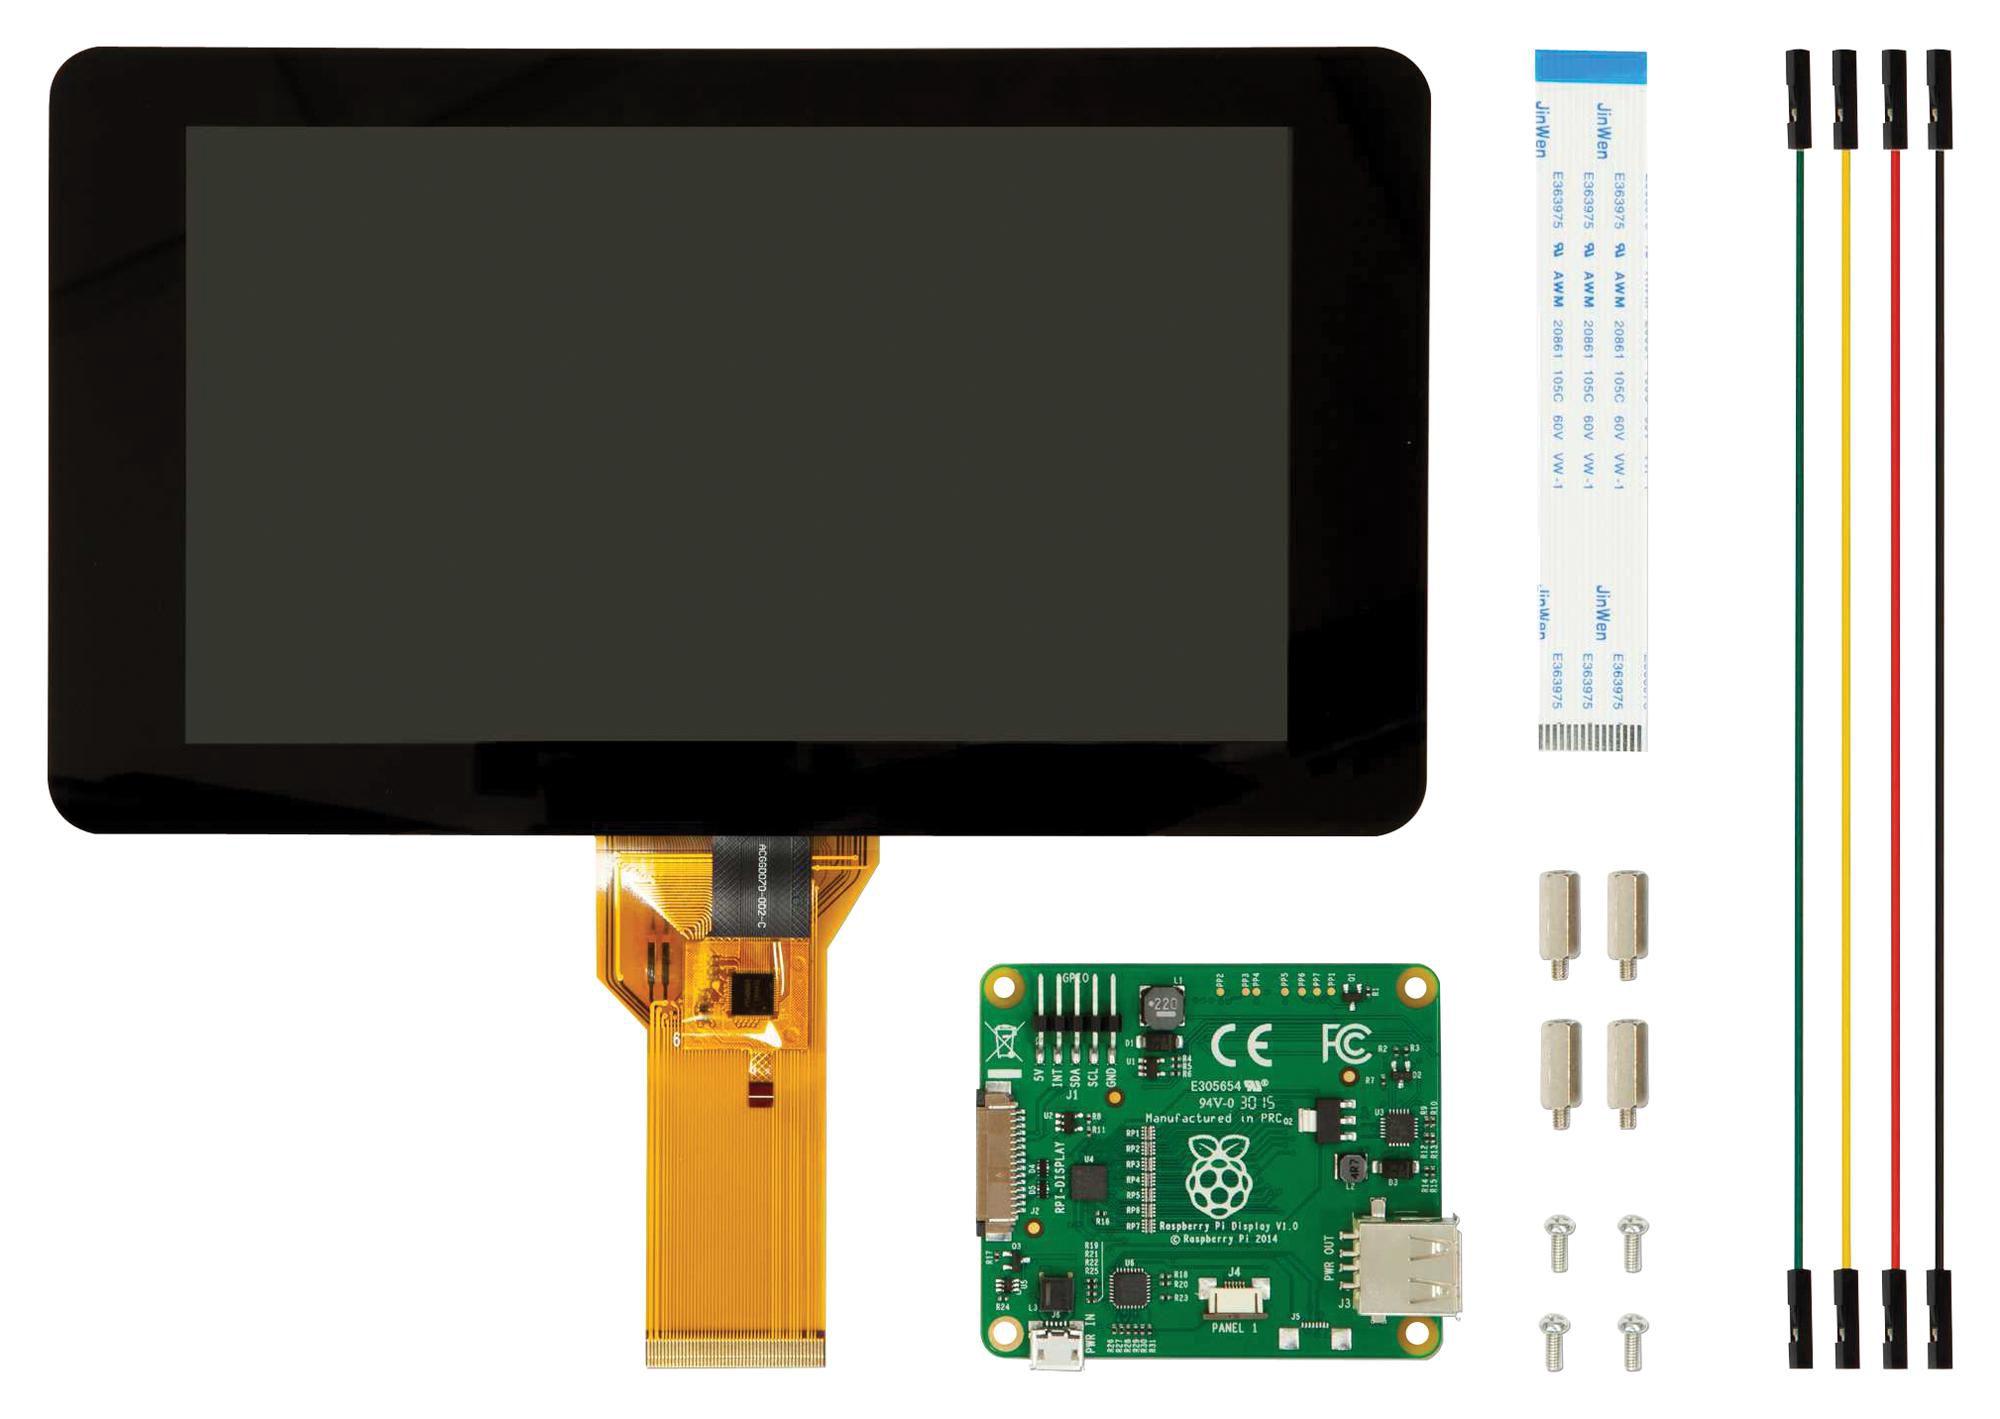 """LCD ekrano modulis 7"""" lietimui jautrus skirtas Raspberry PI kompiuteriams"""